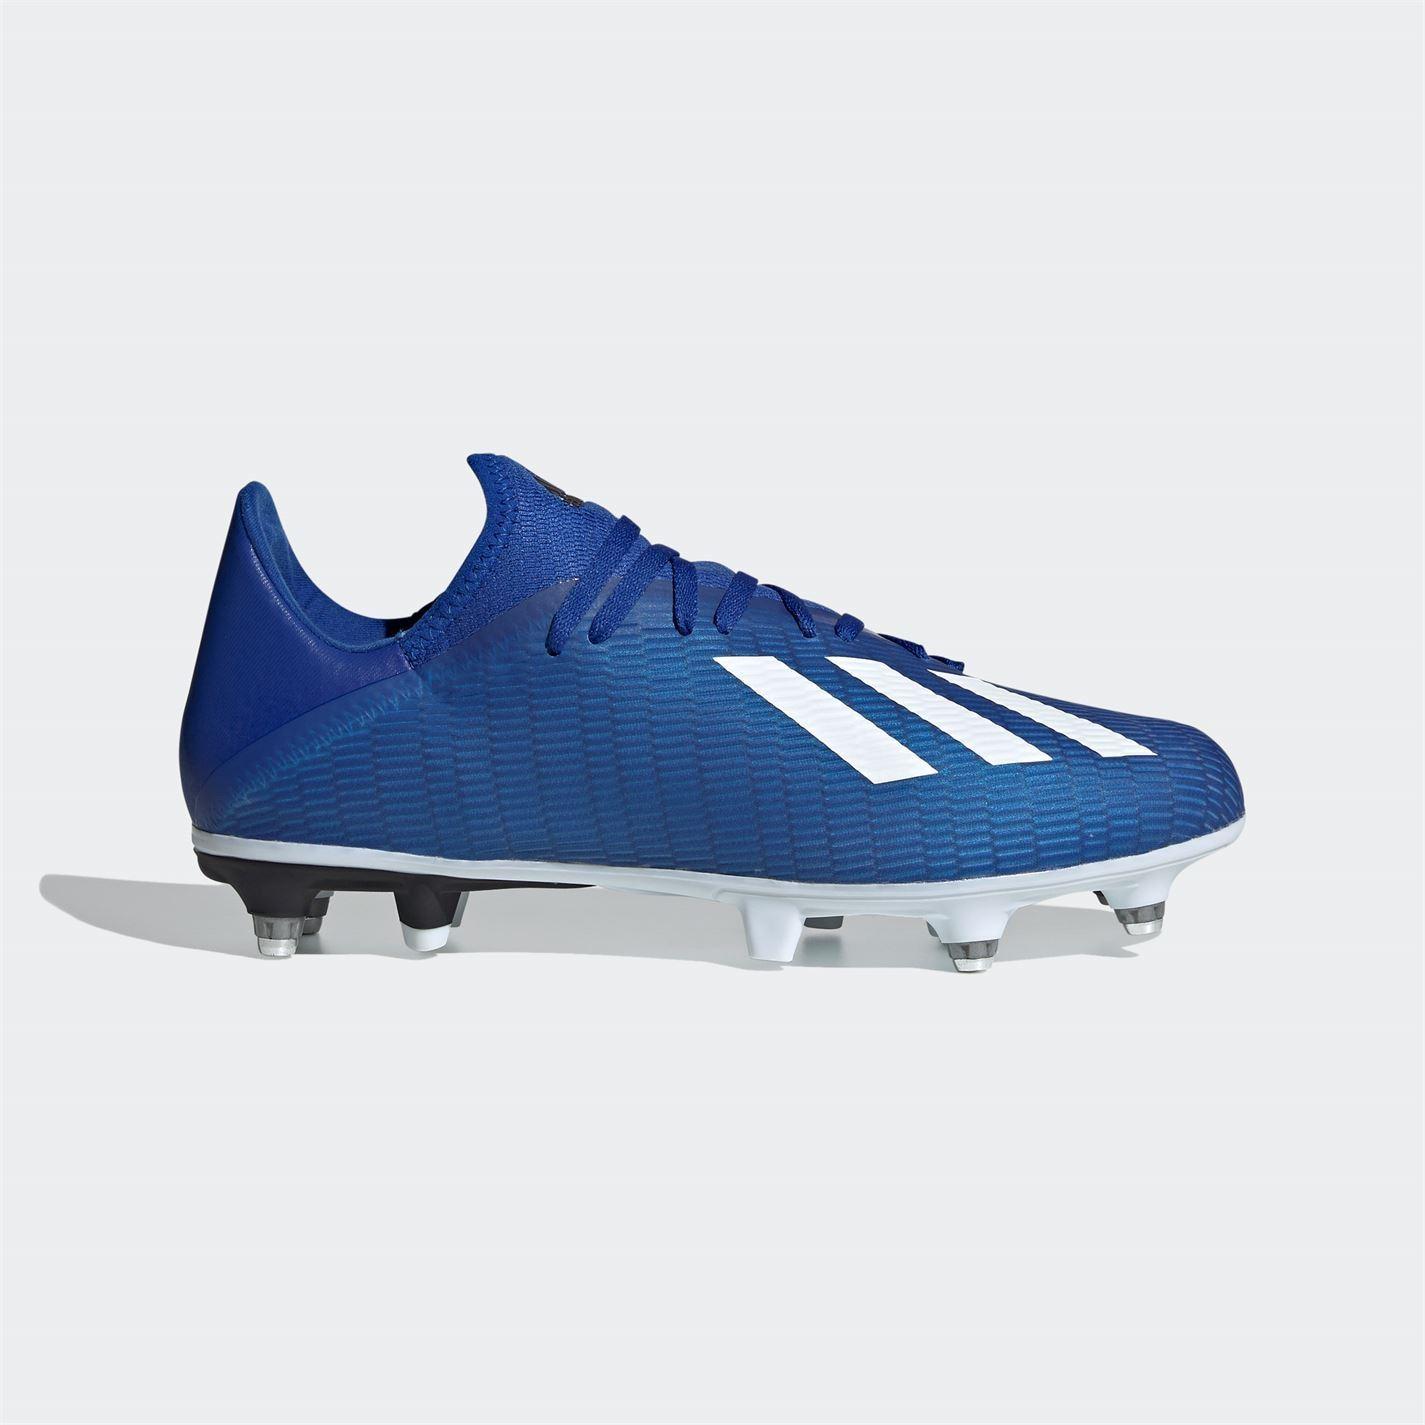 Adidas-X-19-3-Homme-SG-Terrain-Souple-Chaussures-De-Football-Chaussures-de-Foot-Crampons-Baskets miniature 9